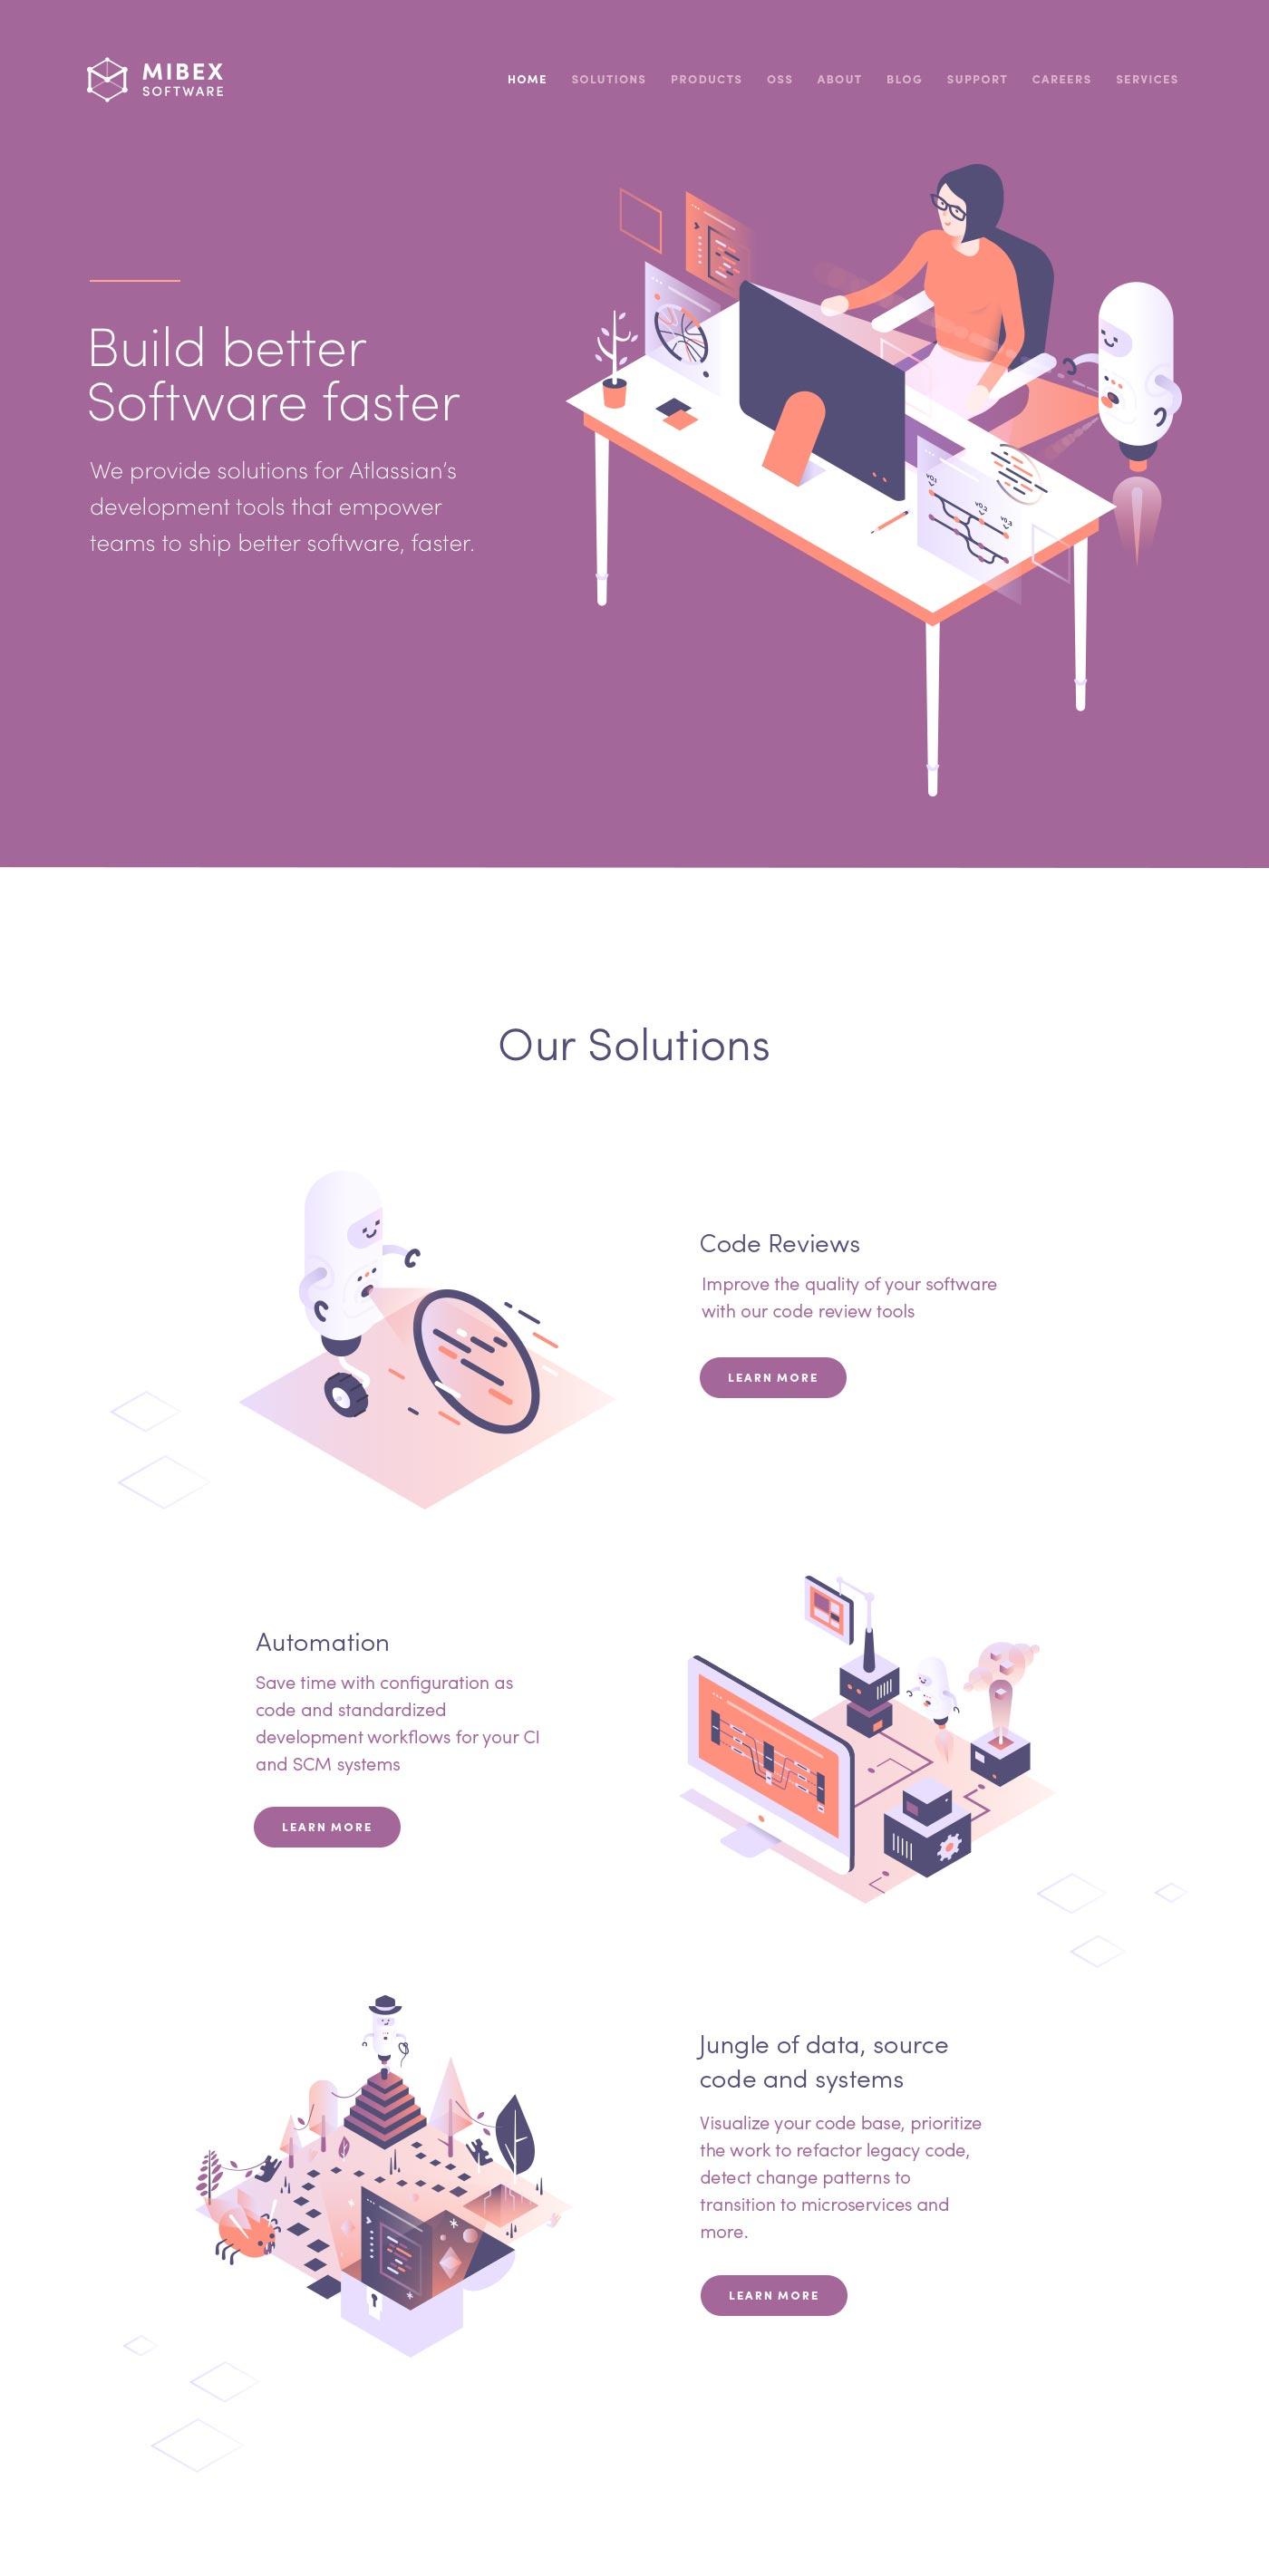 Oli Lisher freelance website / graphic designer & illustrator ...